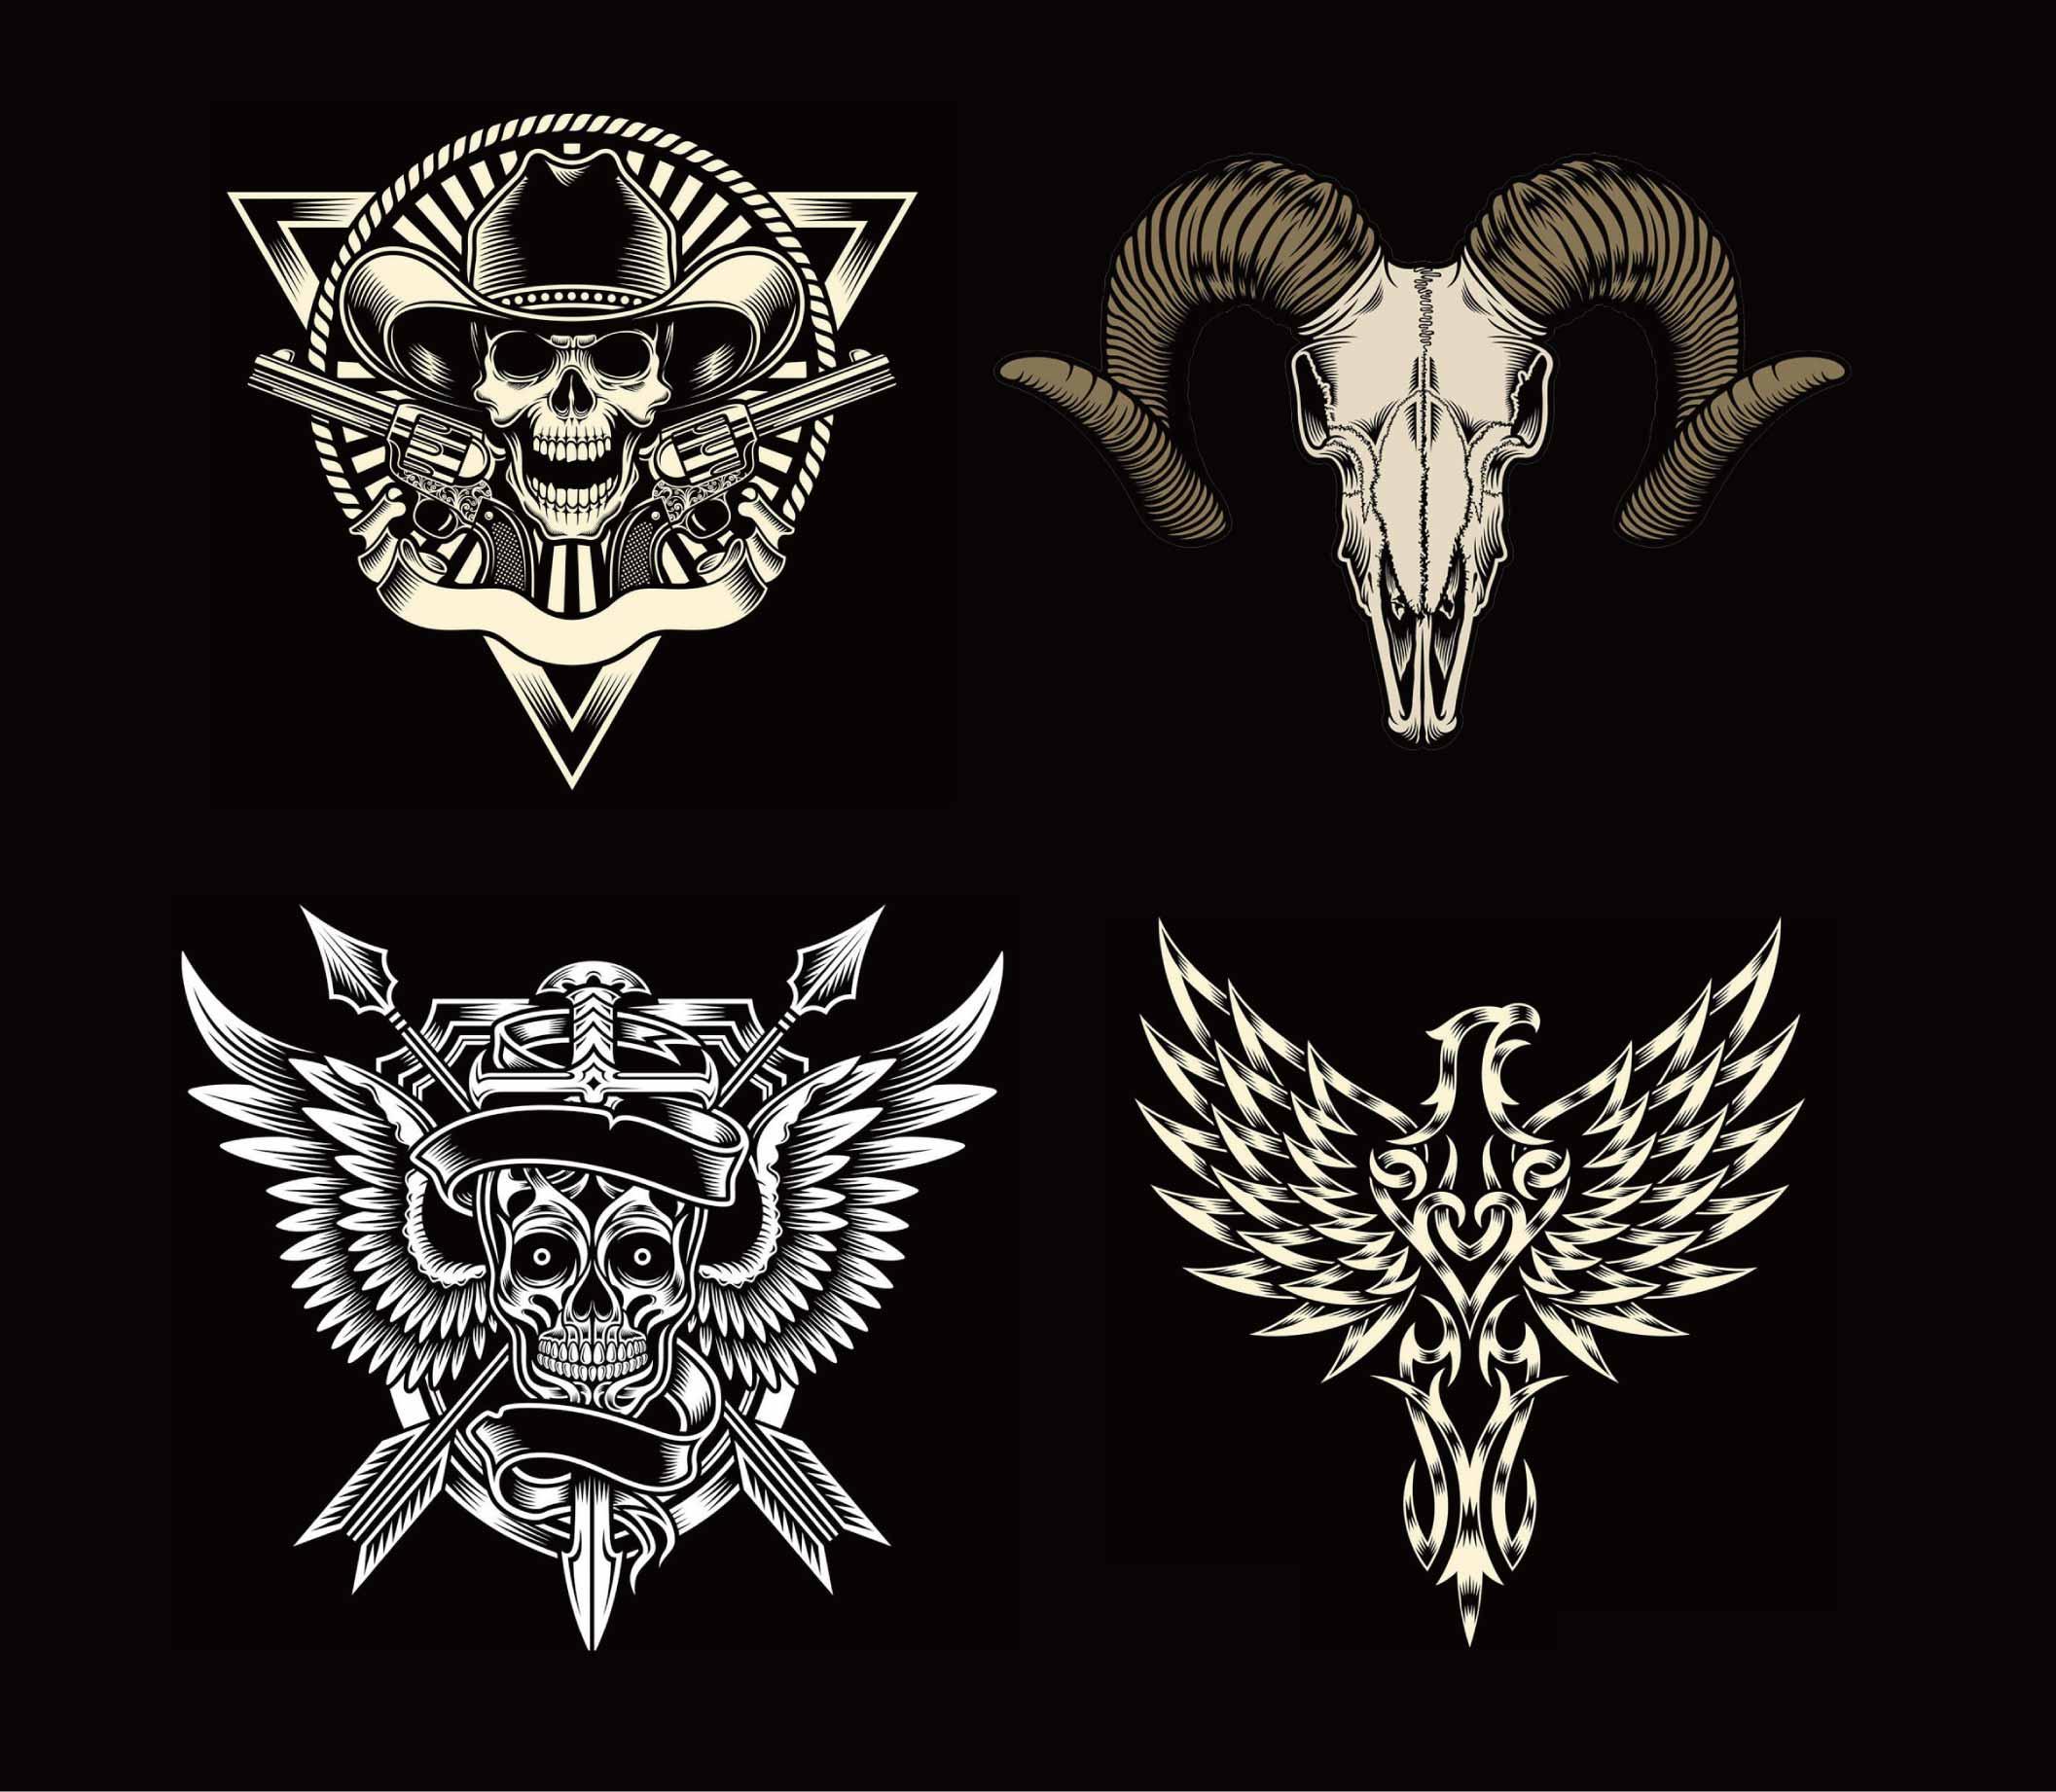 字母x纹身图案设计_纹身图案大全